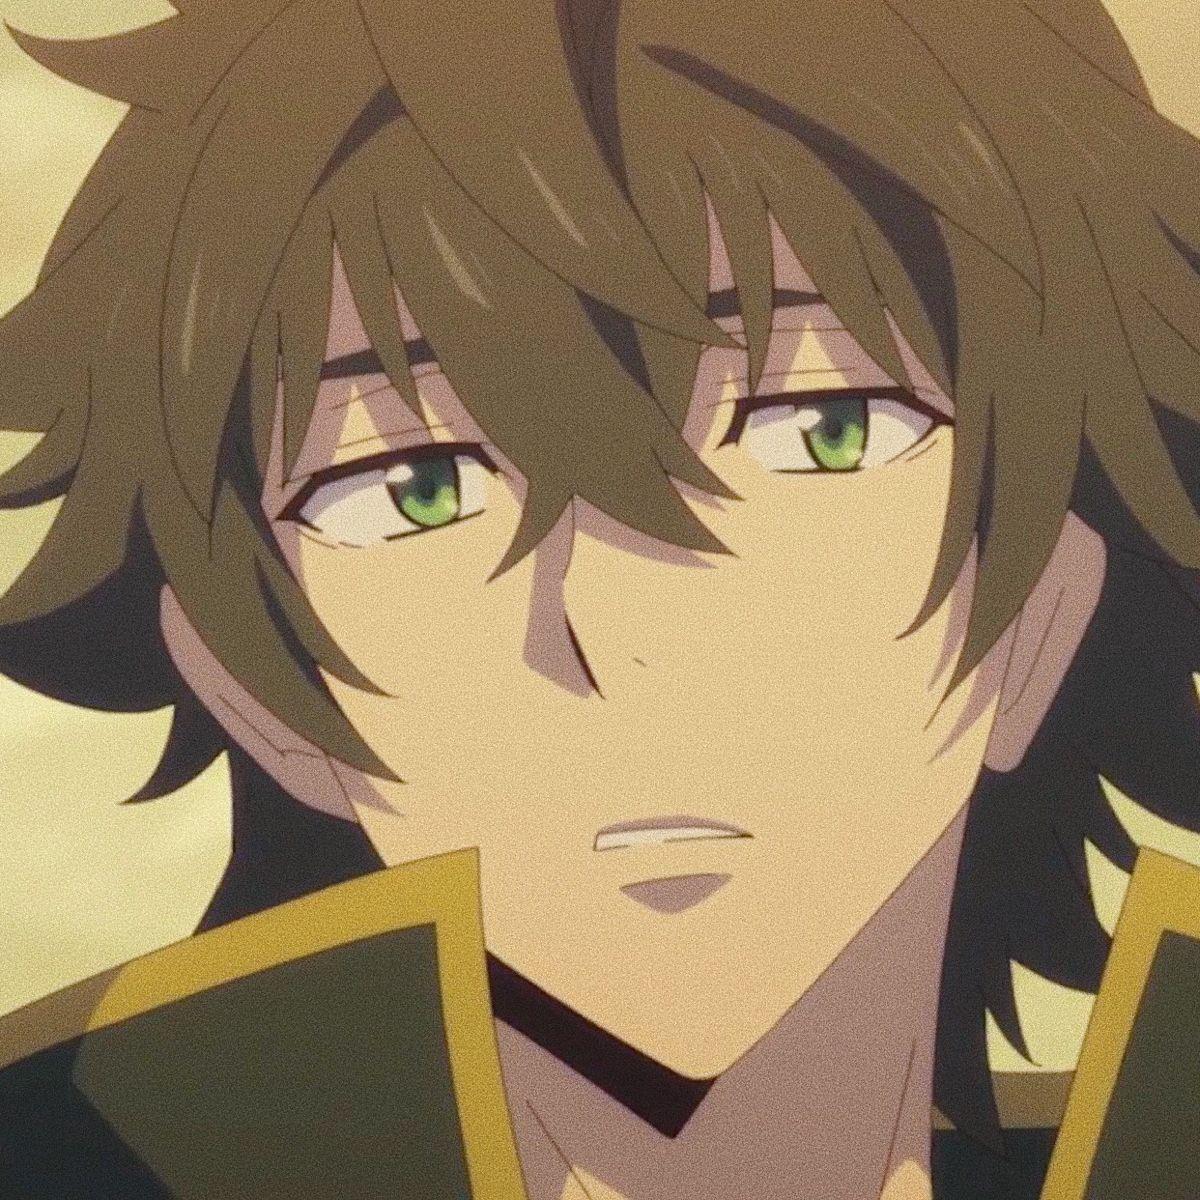 """Н™–𝙣𝙞𝙢𝙚 Н™žð™˜ð™¤ð™£ Н™£ð™–𝙤𝙛𝙪𝙢𝙞 ͘©ð˜¢ð˜ºð˜¶ð˜ºð˜°ð˜µð˜° ʨ"""" Anime Anime Icons Aesthetic Anime"""